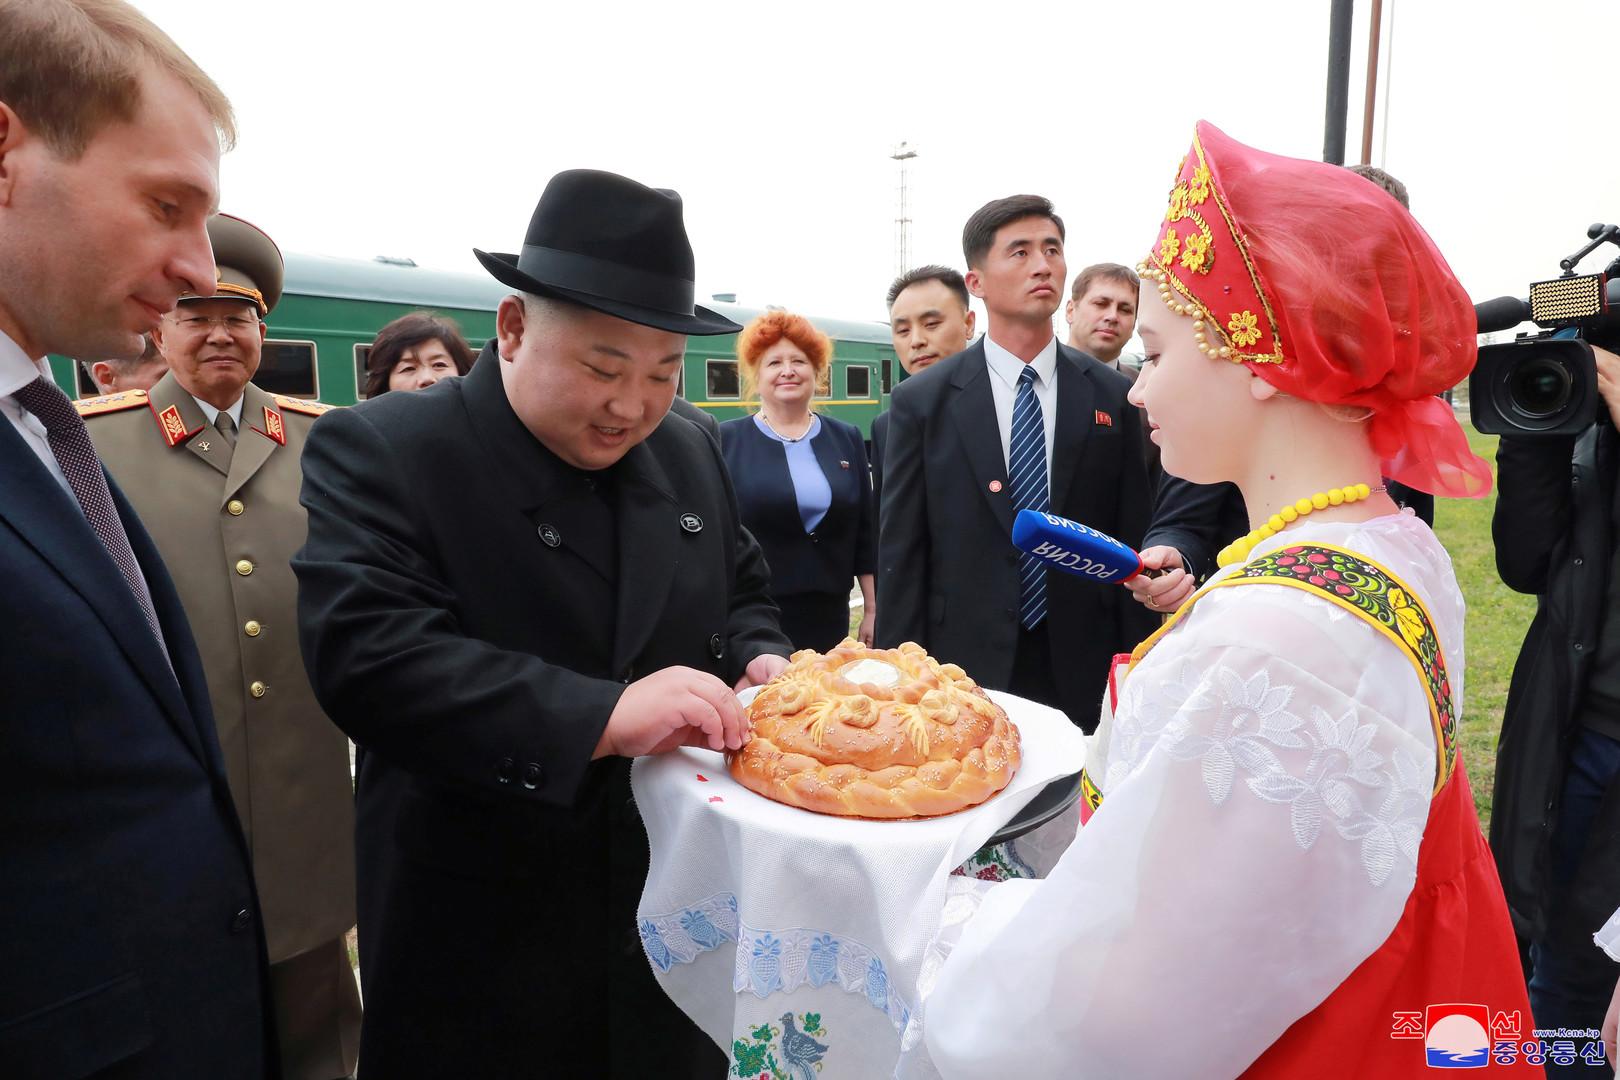 Nach russischer Tradition mit Brot und Salz begrüßt